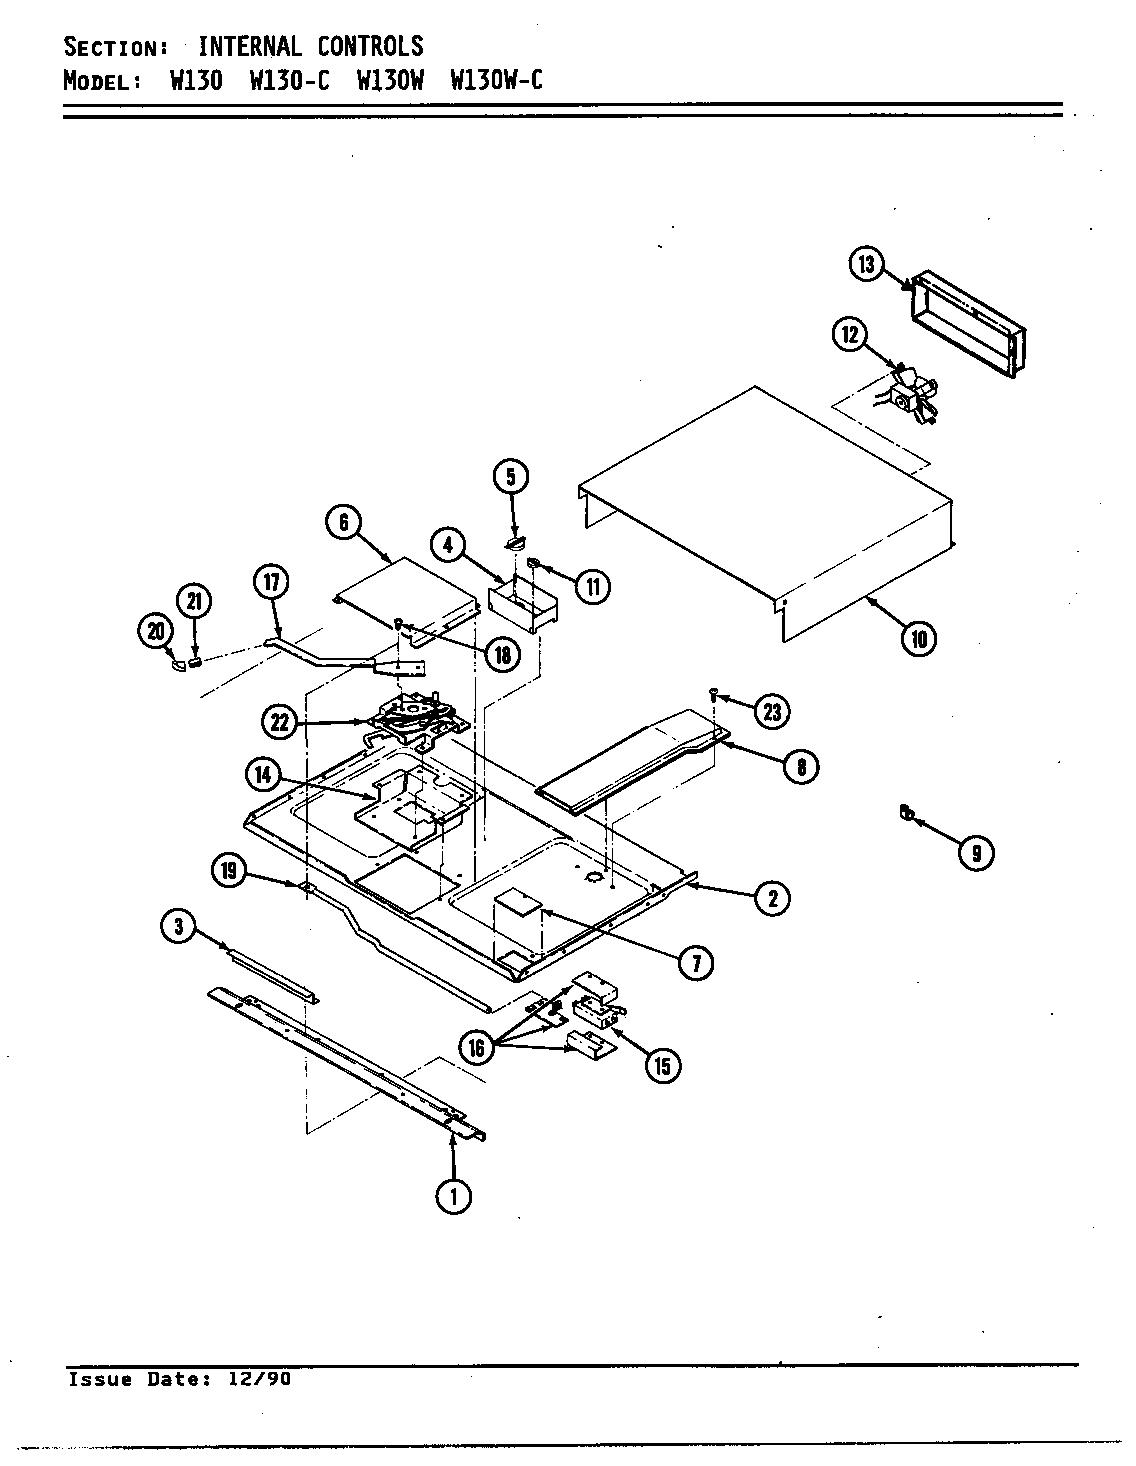 internal controls parts diagram